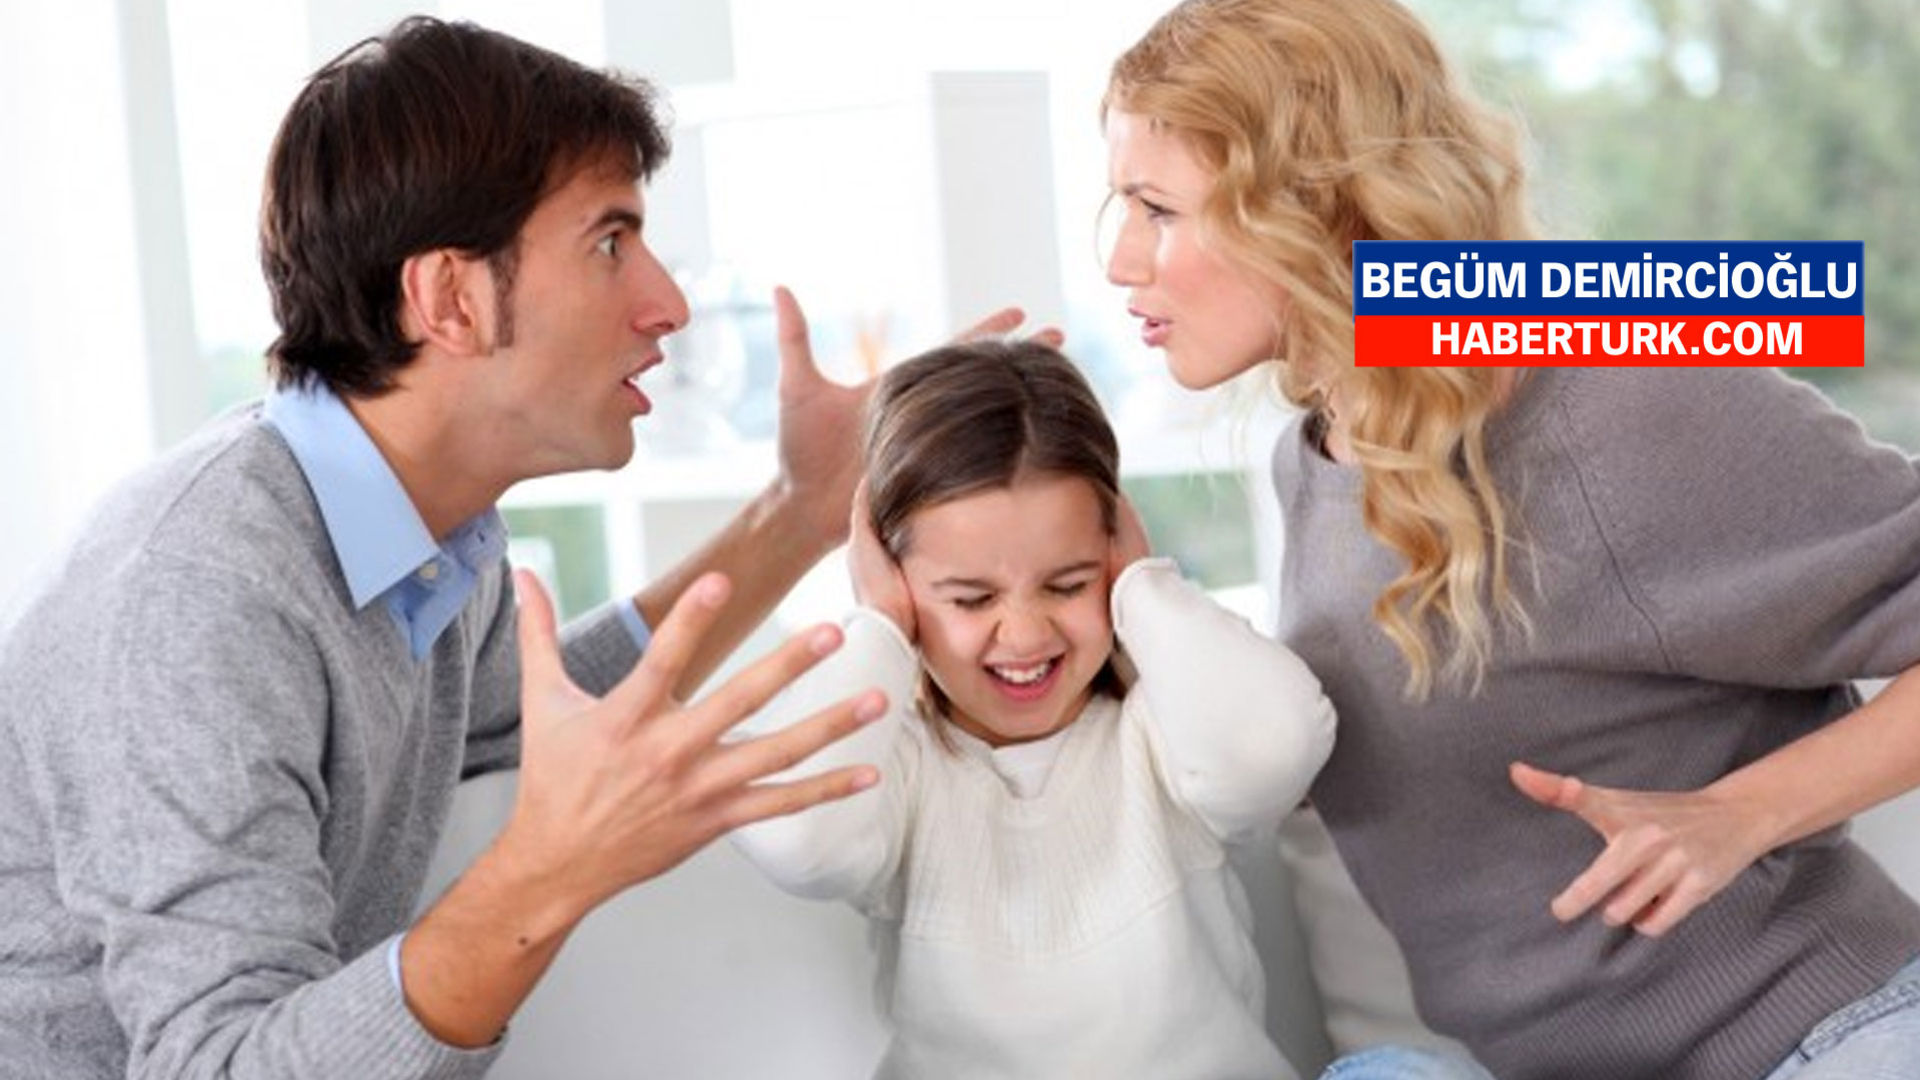 Ebeveyn-çocuk ilişkisi nasıl olmalı